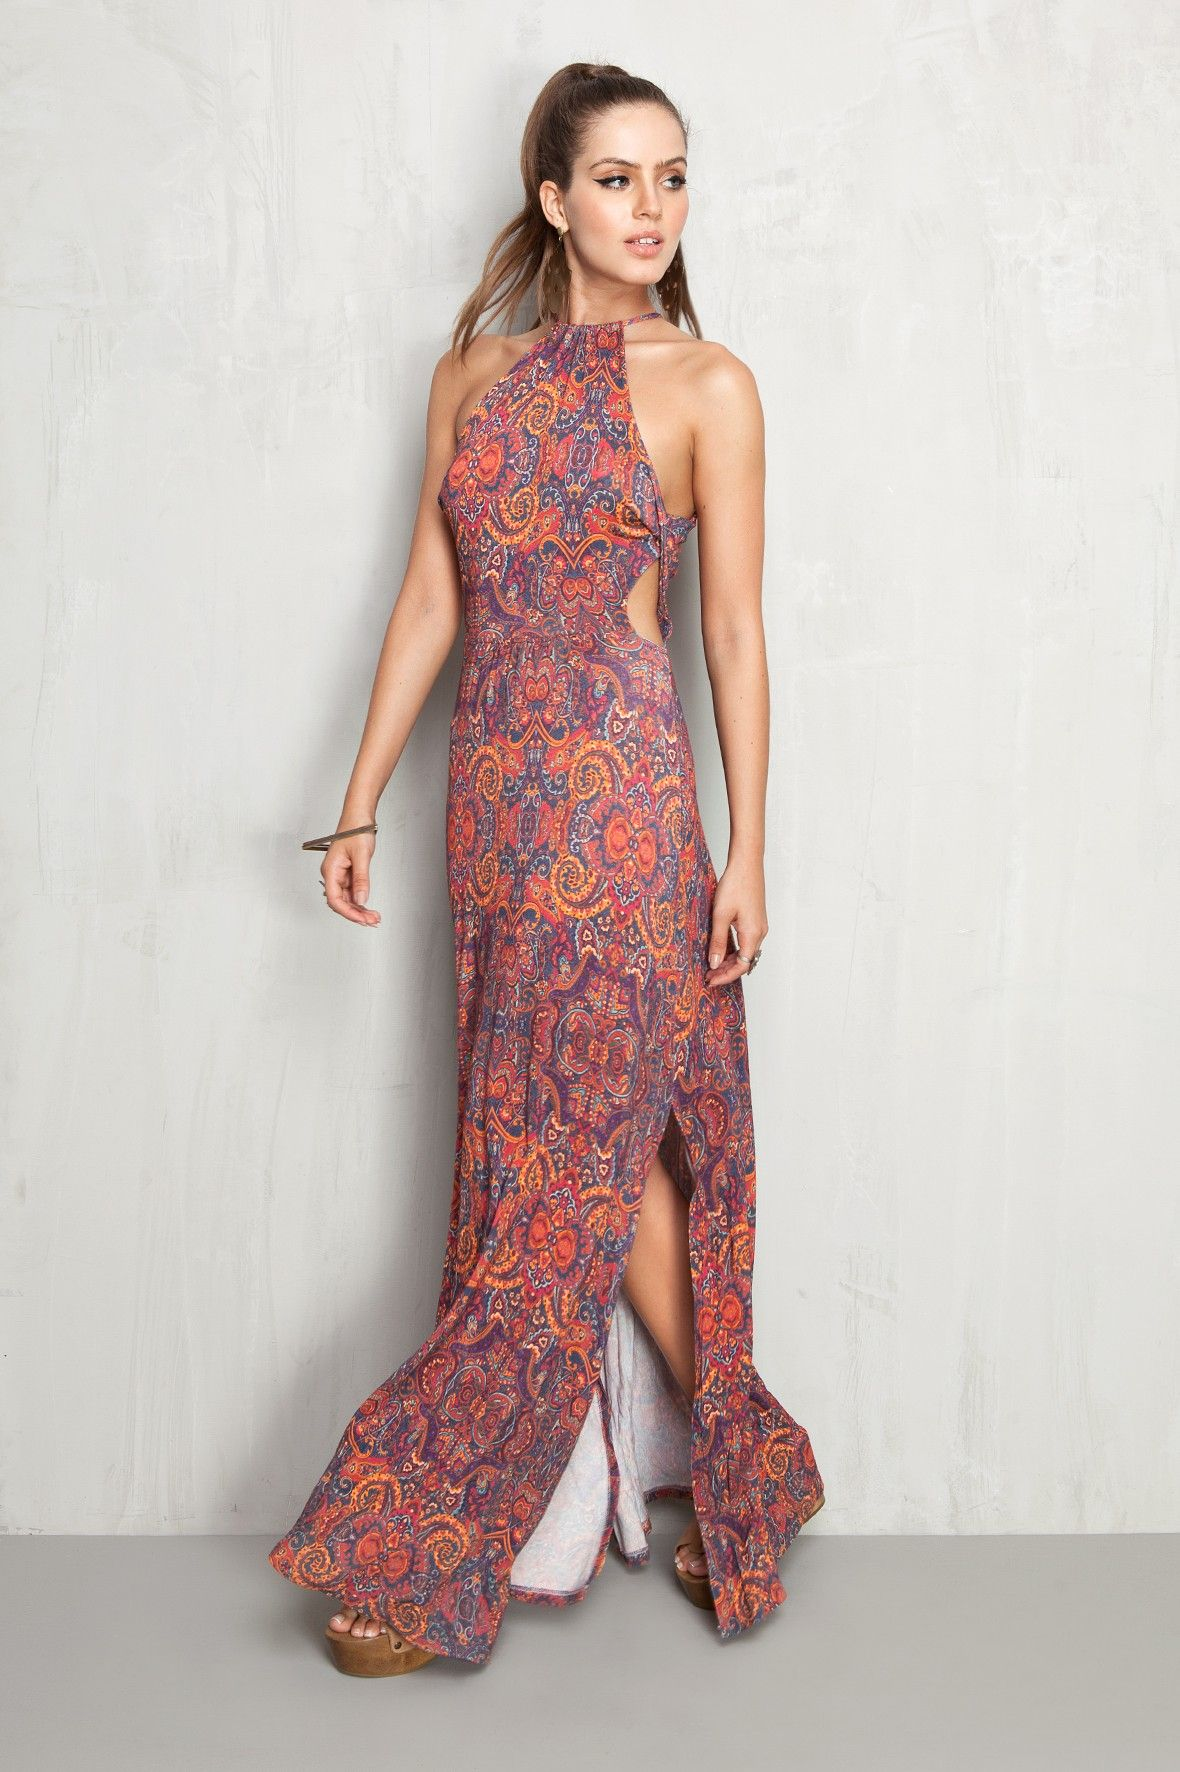 Vestido longo estampado de flores